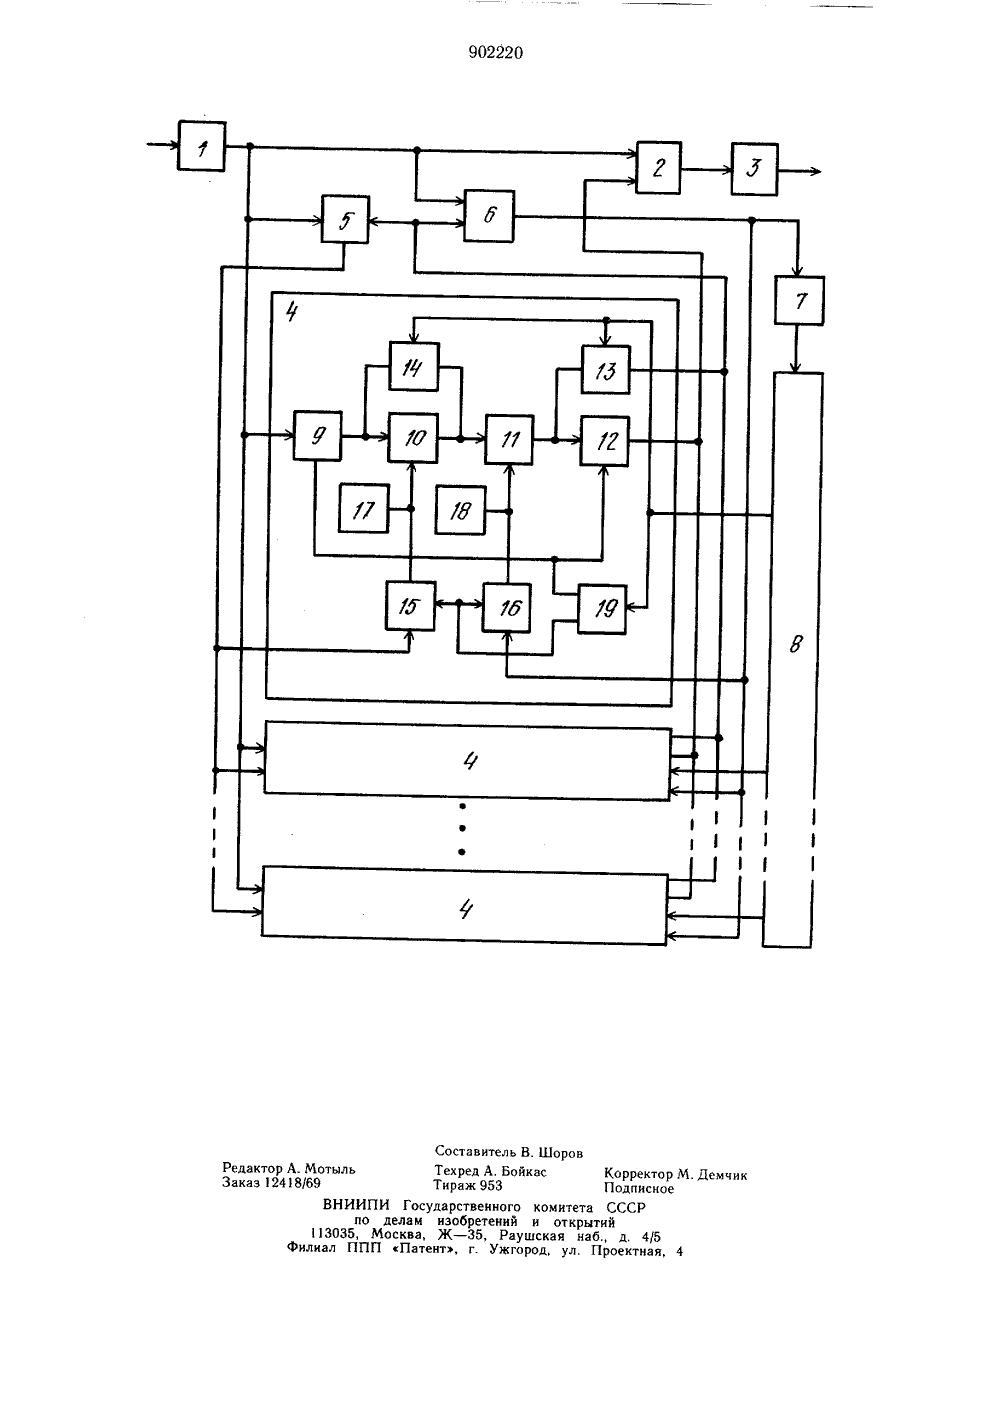 Подавление акустической связи схема фото 956